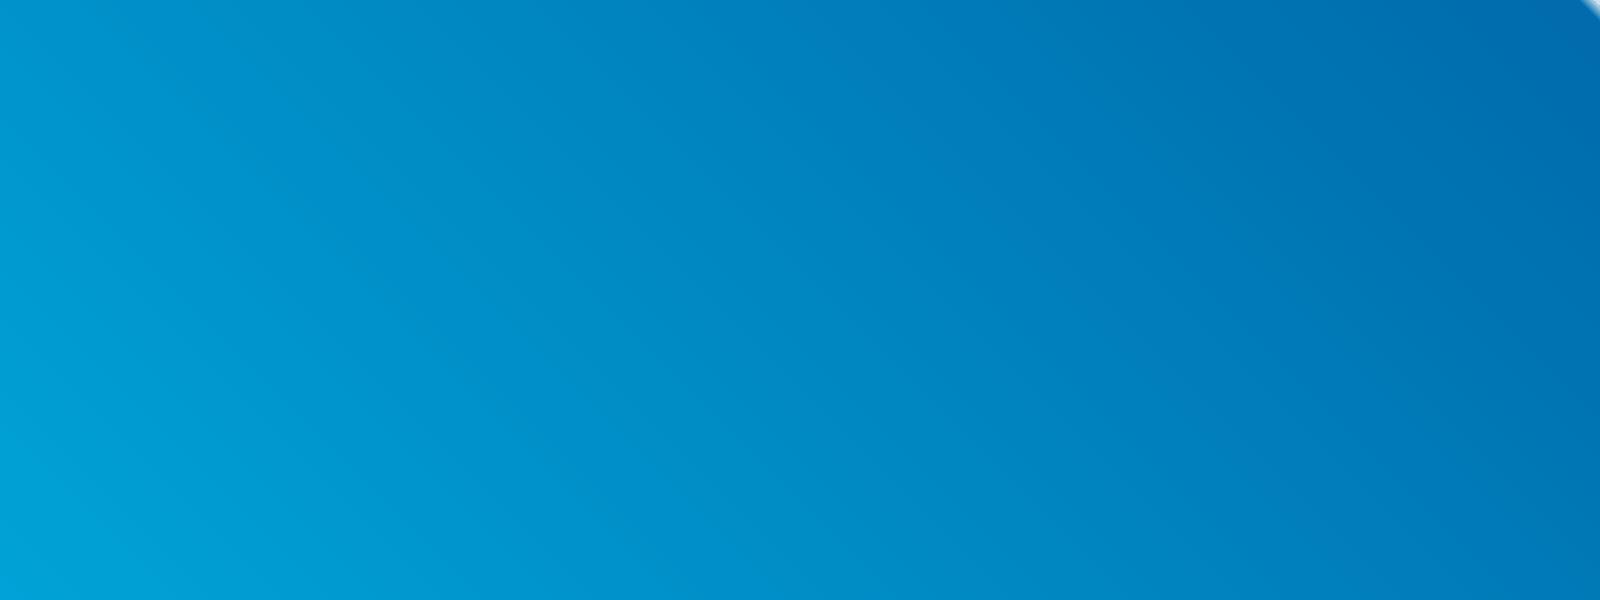 bg-blue-careers-min